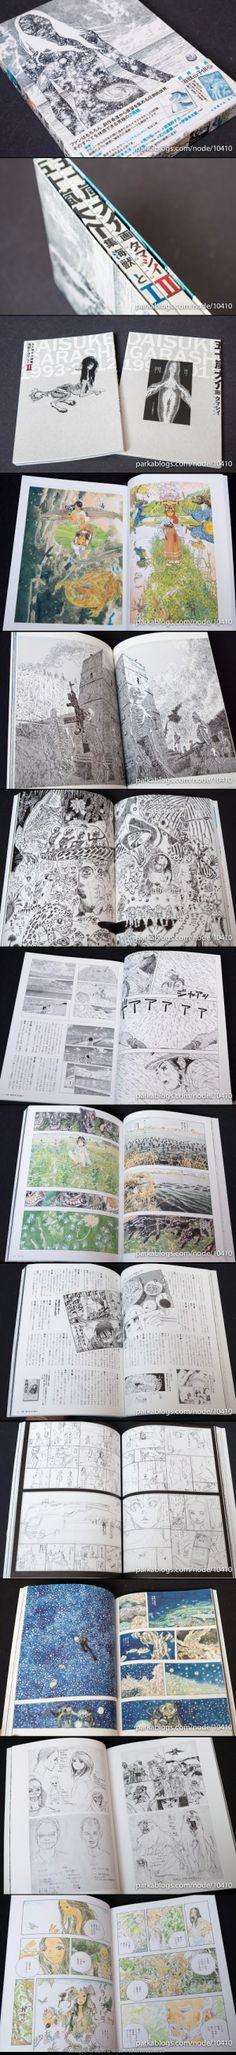 Book Review: Daisuke Igarashi Artbook: Sea Creatures and Soul 五十嵐大介画集・海獣とタマシイ (原画集・イラストブック)